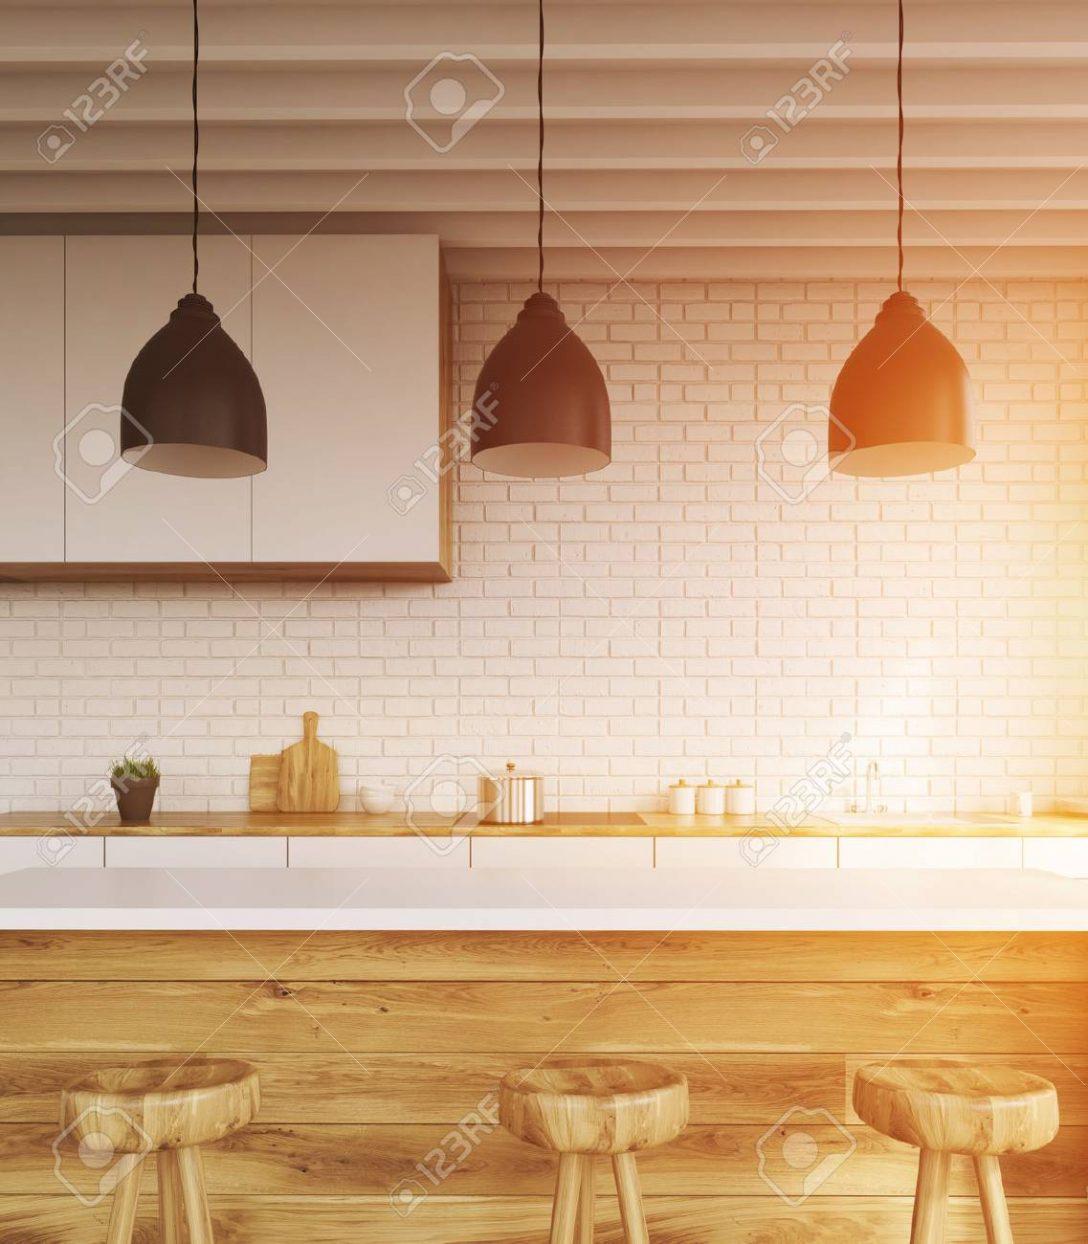 Large Size of Küche Wellmann Läufer Weiß Hochglanz Apothekerschrank Raffrollo Glaswand Was Kostet Eine Neue Ikea Kosten Hängeschrank Höhe Schlafzimmer Nischenrückwand Wohnzimmer Küche Deckenleuchte